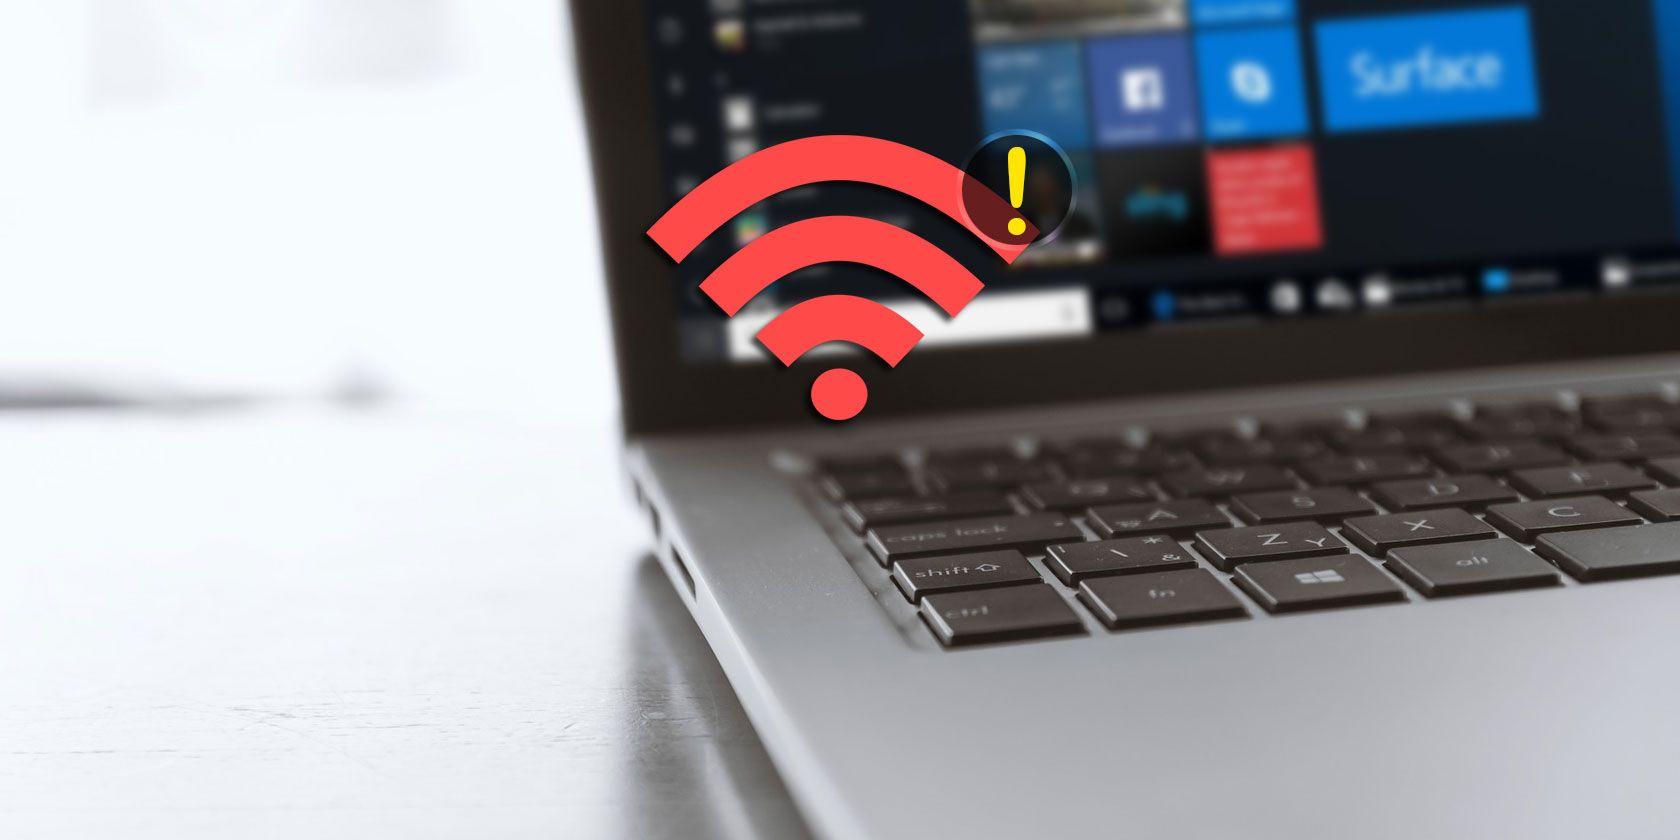 چگونه رمز وای فای را در ویندوز ۱۰ پیدا کنیم؟